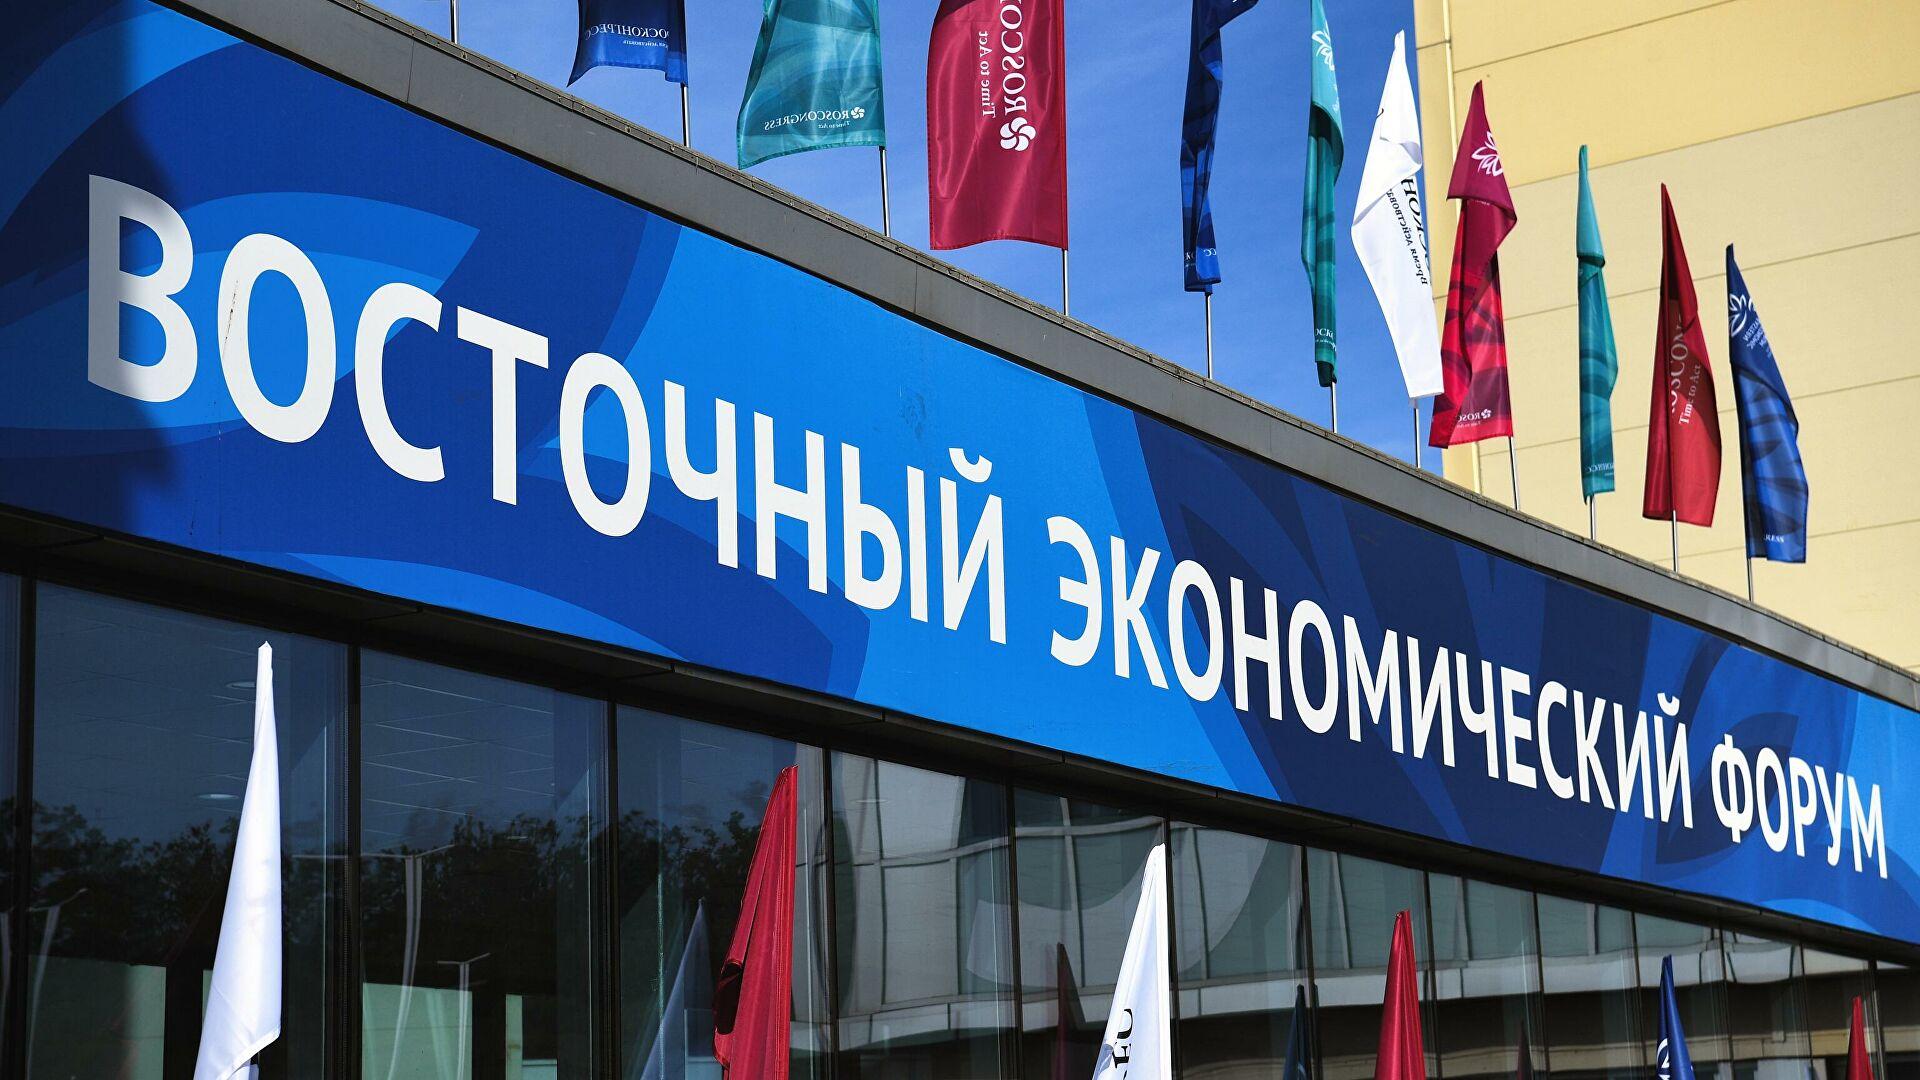 Сбер, «Корпорация развития Дальнего Востока иАрктики» иПравительство Сахалинской области объединят усилия подекарбонизации